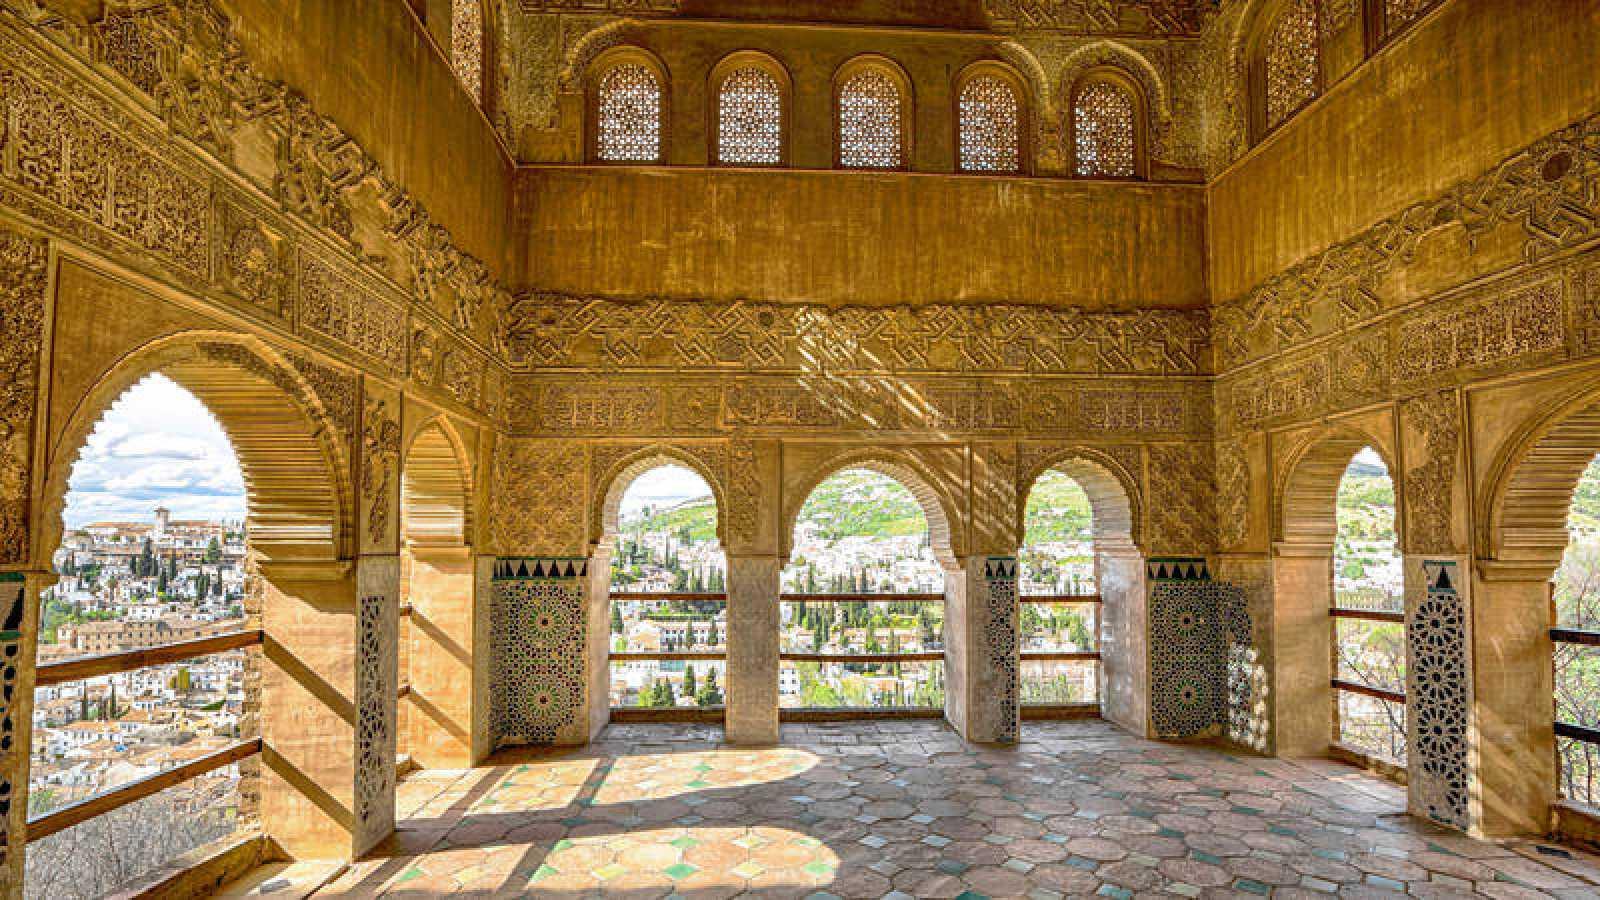 El complejo monumental de la Alhambra es el más visitado de España.